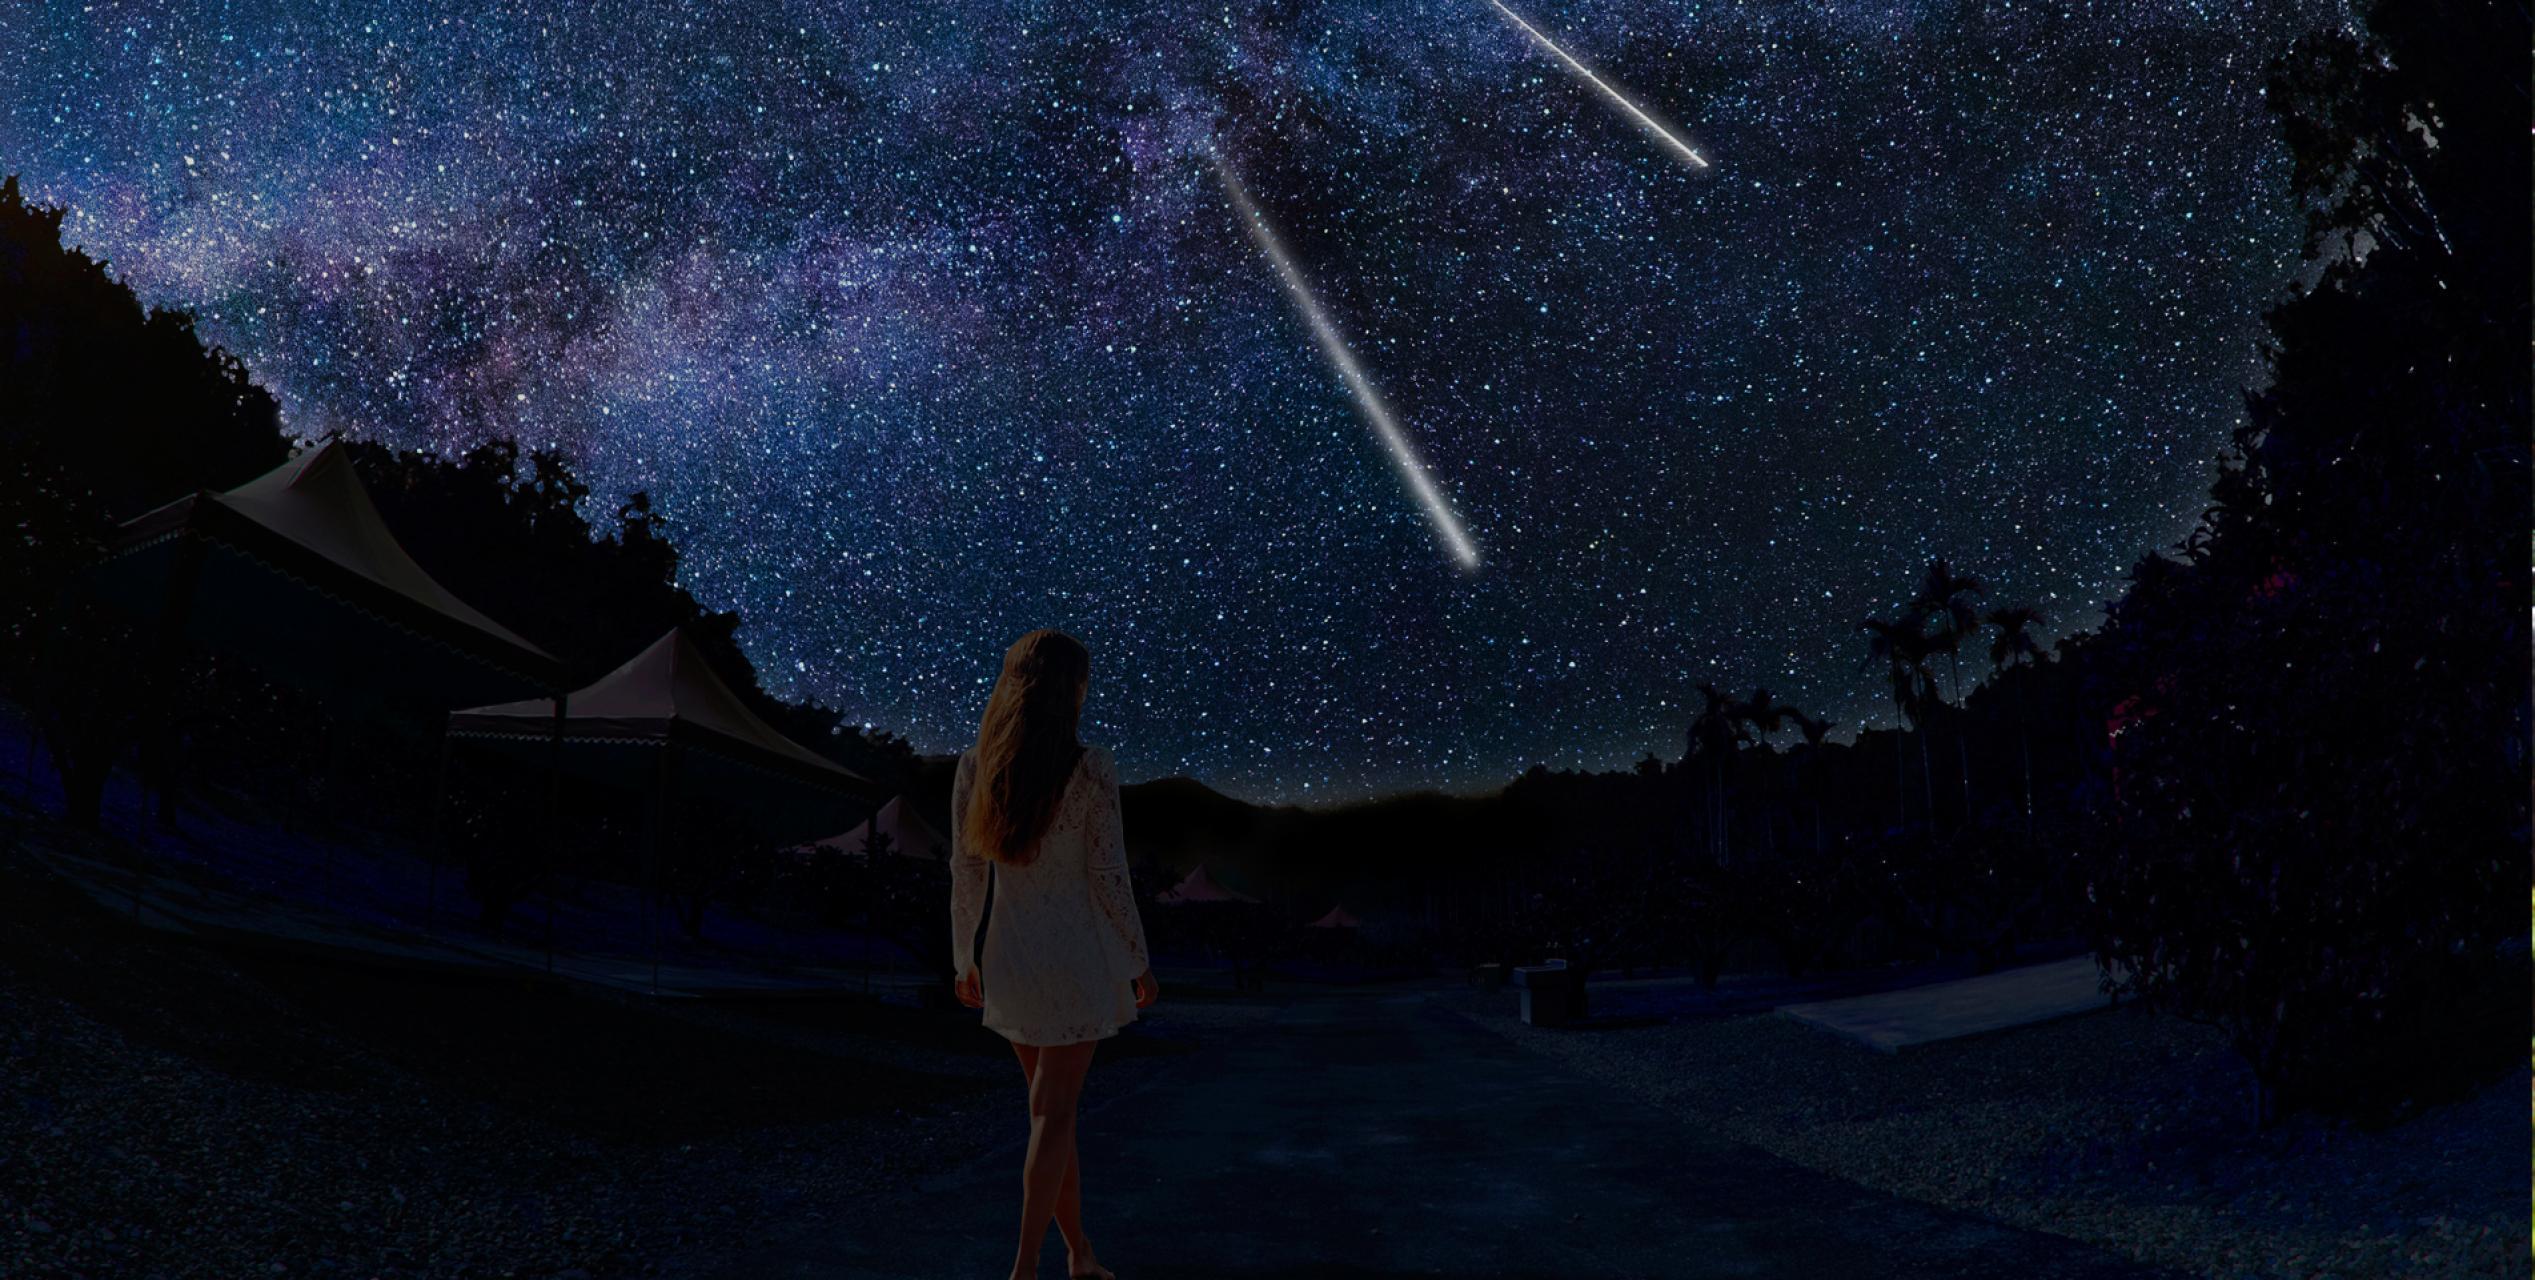 與星空對話